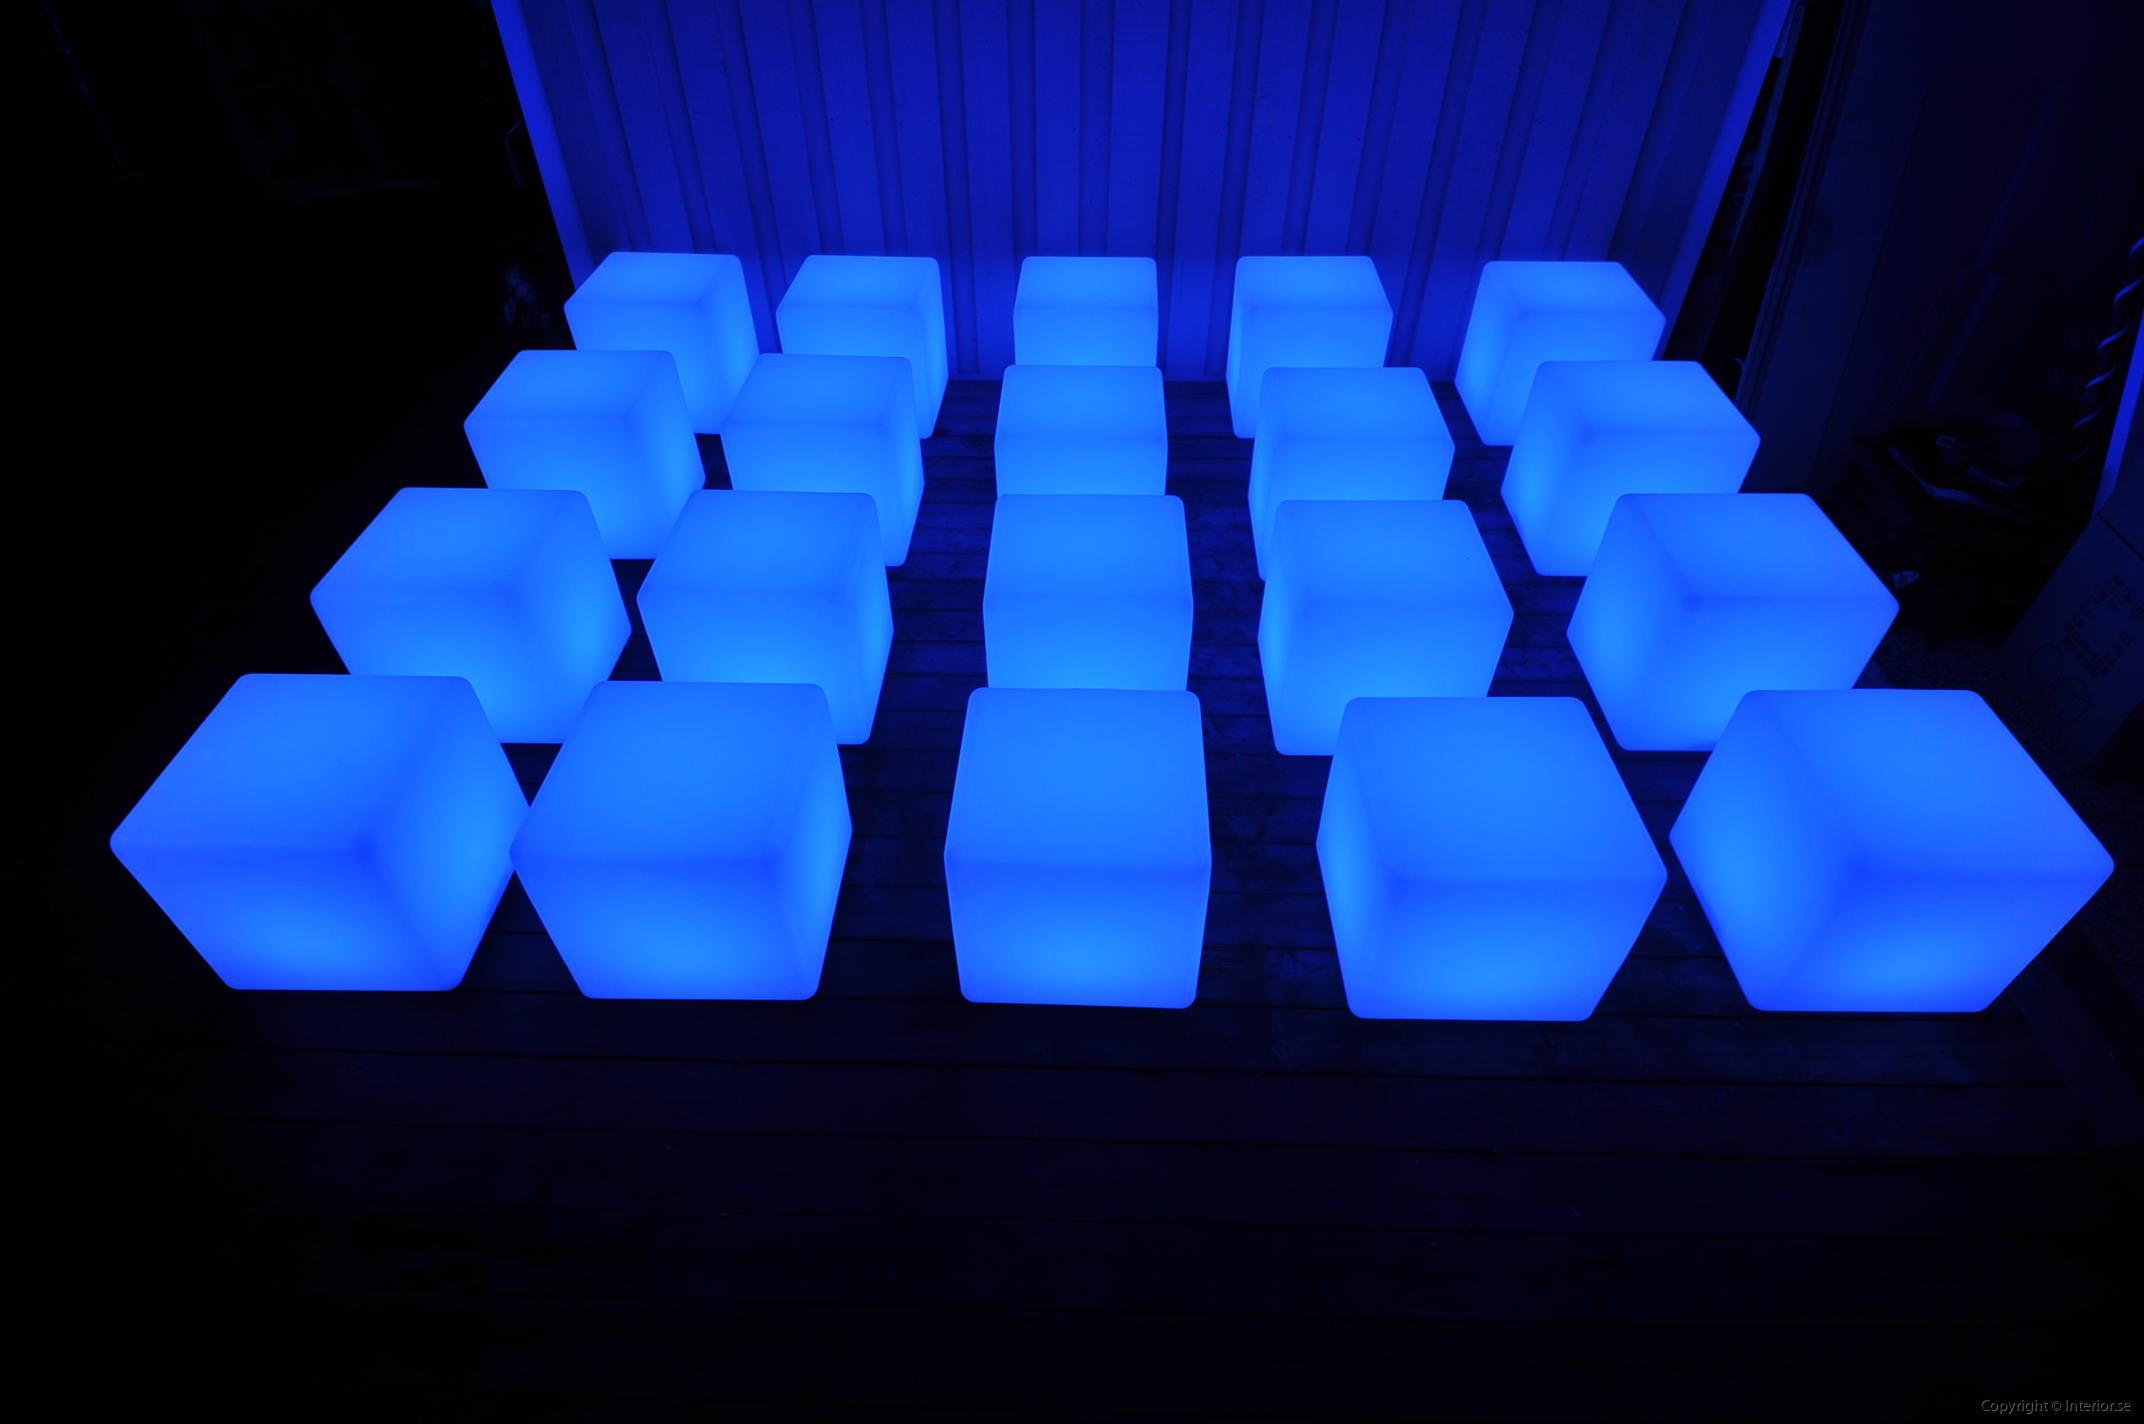 Hyra led möbler ledmöbler stockholm event möbler hyr möbler stockholm event led furniture hire stockholm (10)